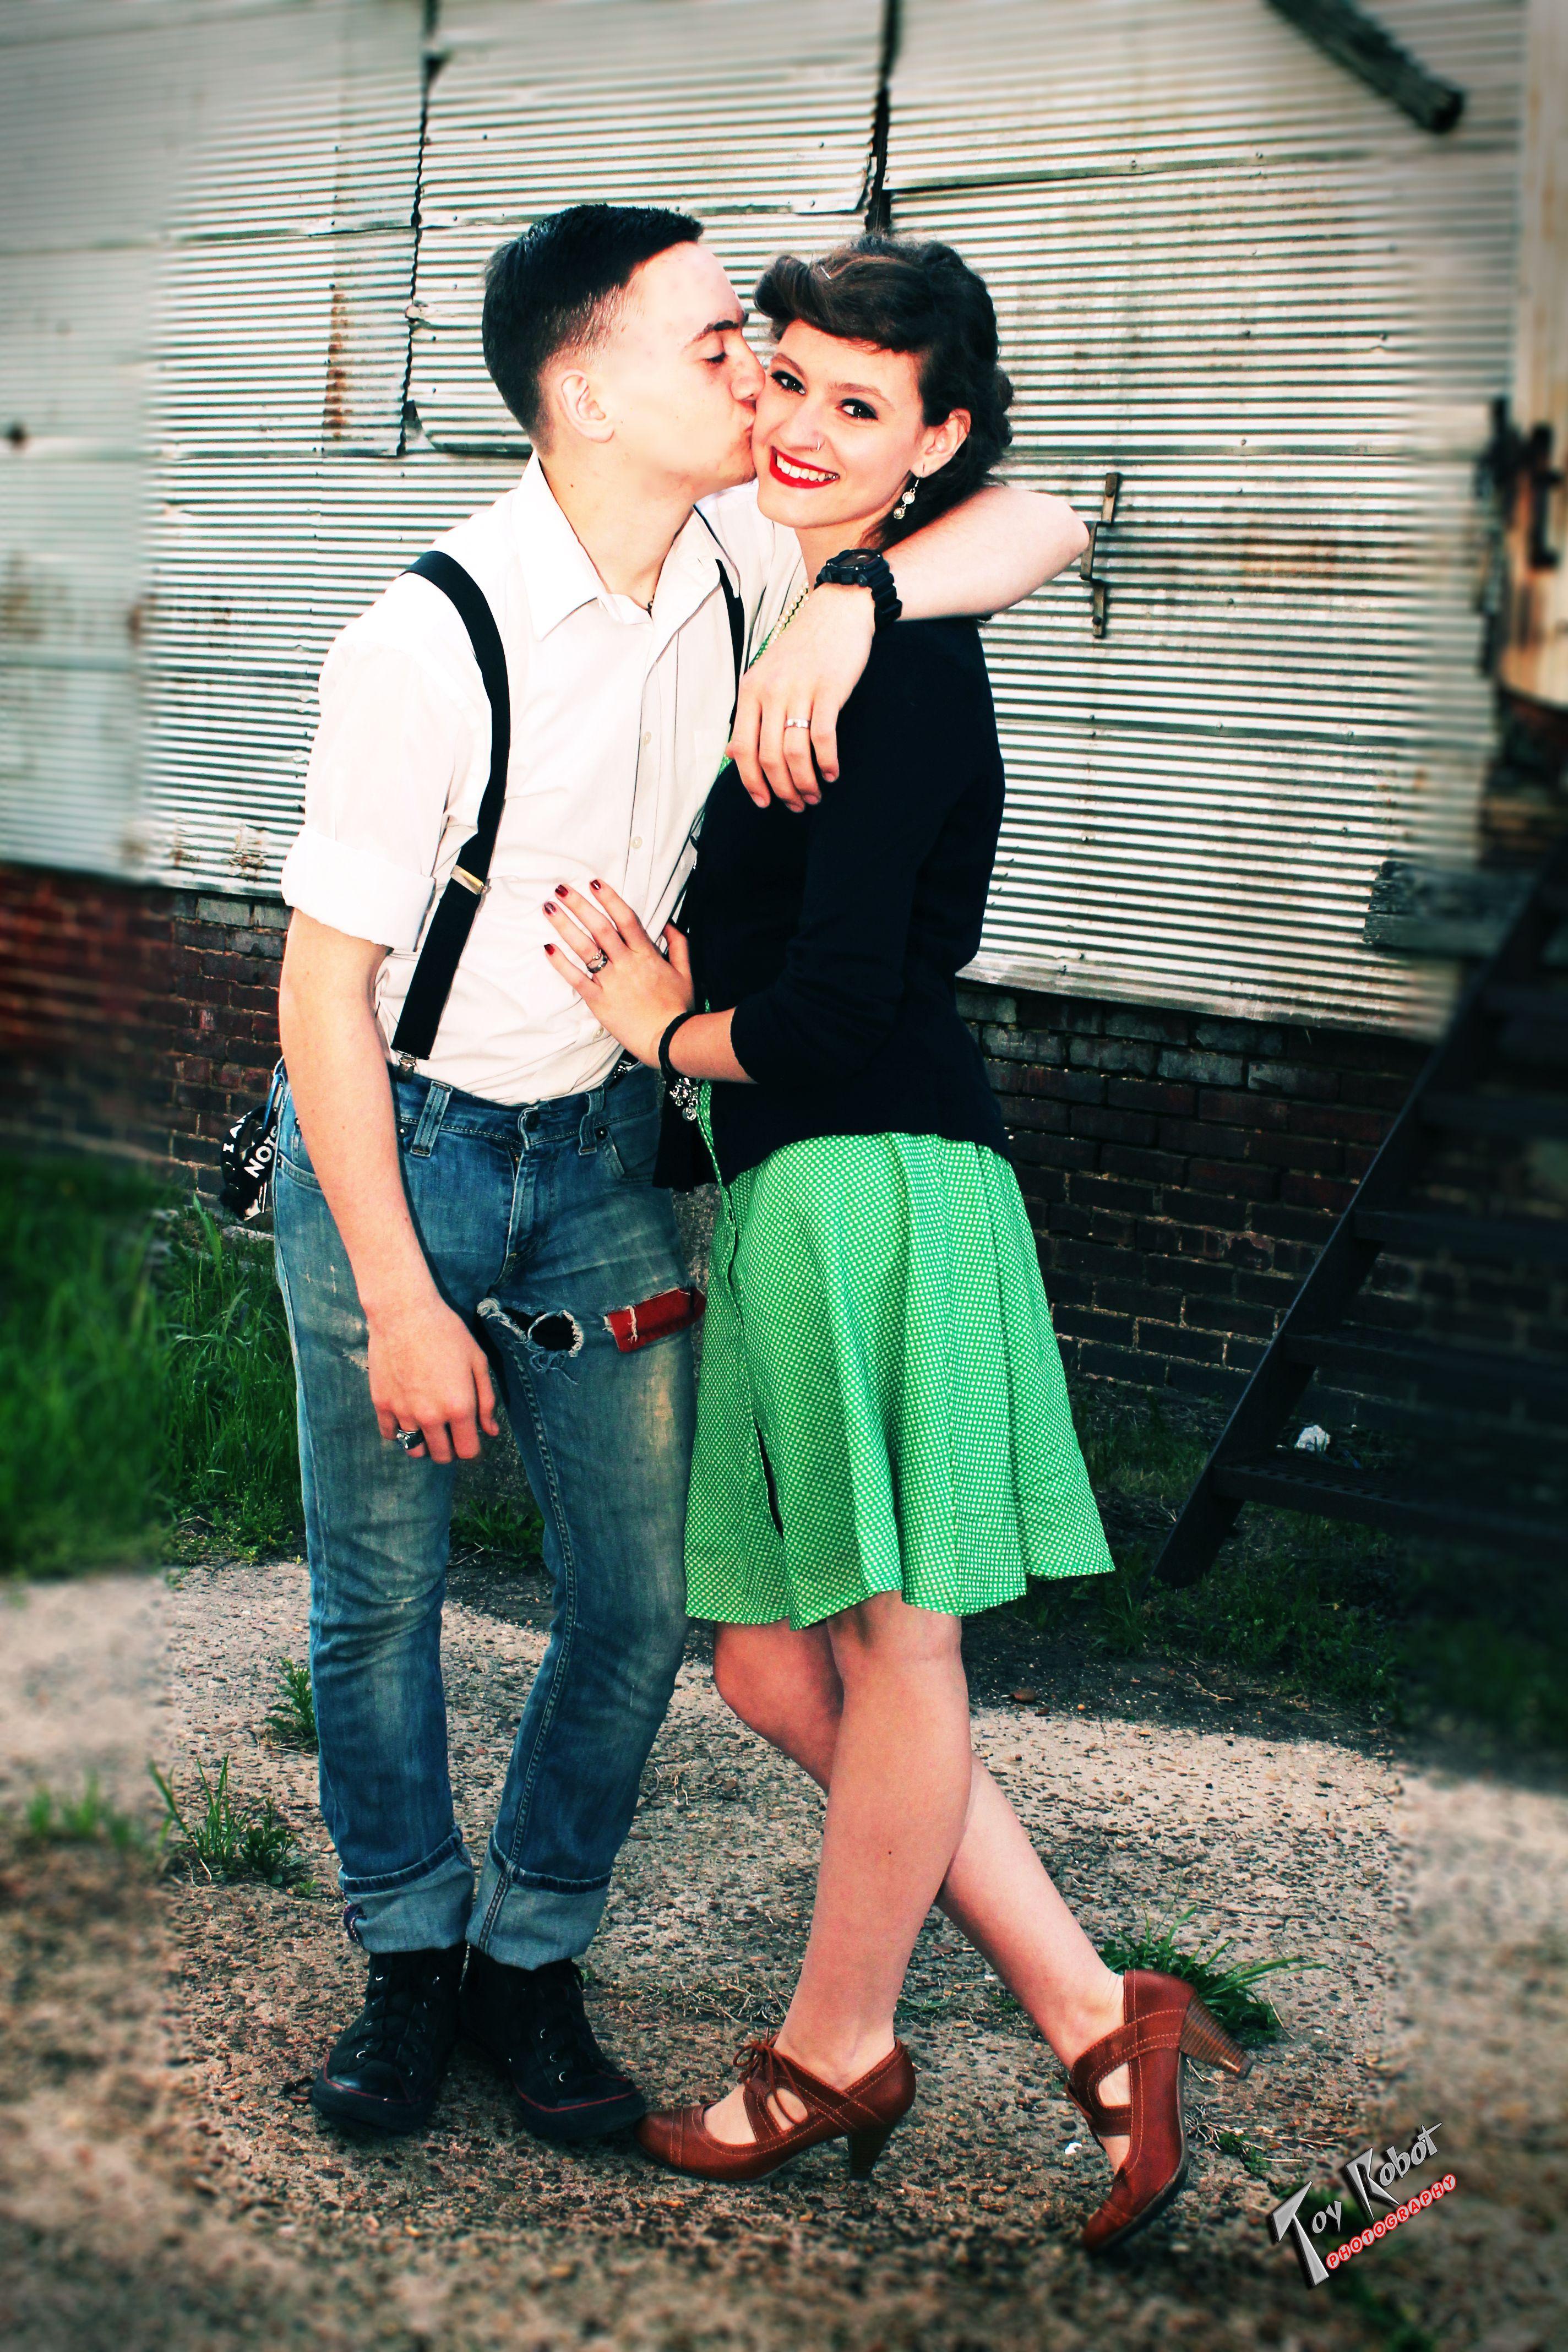 Rockabilly Rockabella Couple Photo Shoot Greaser Guy